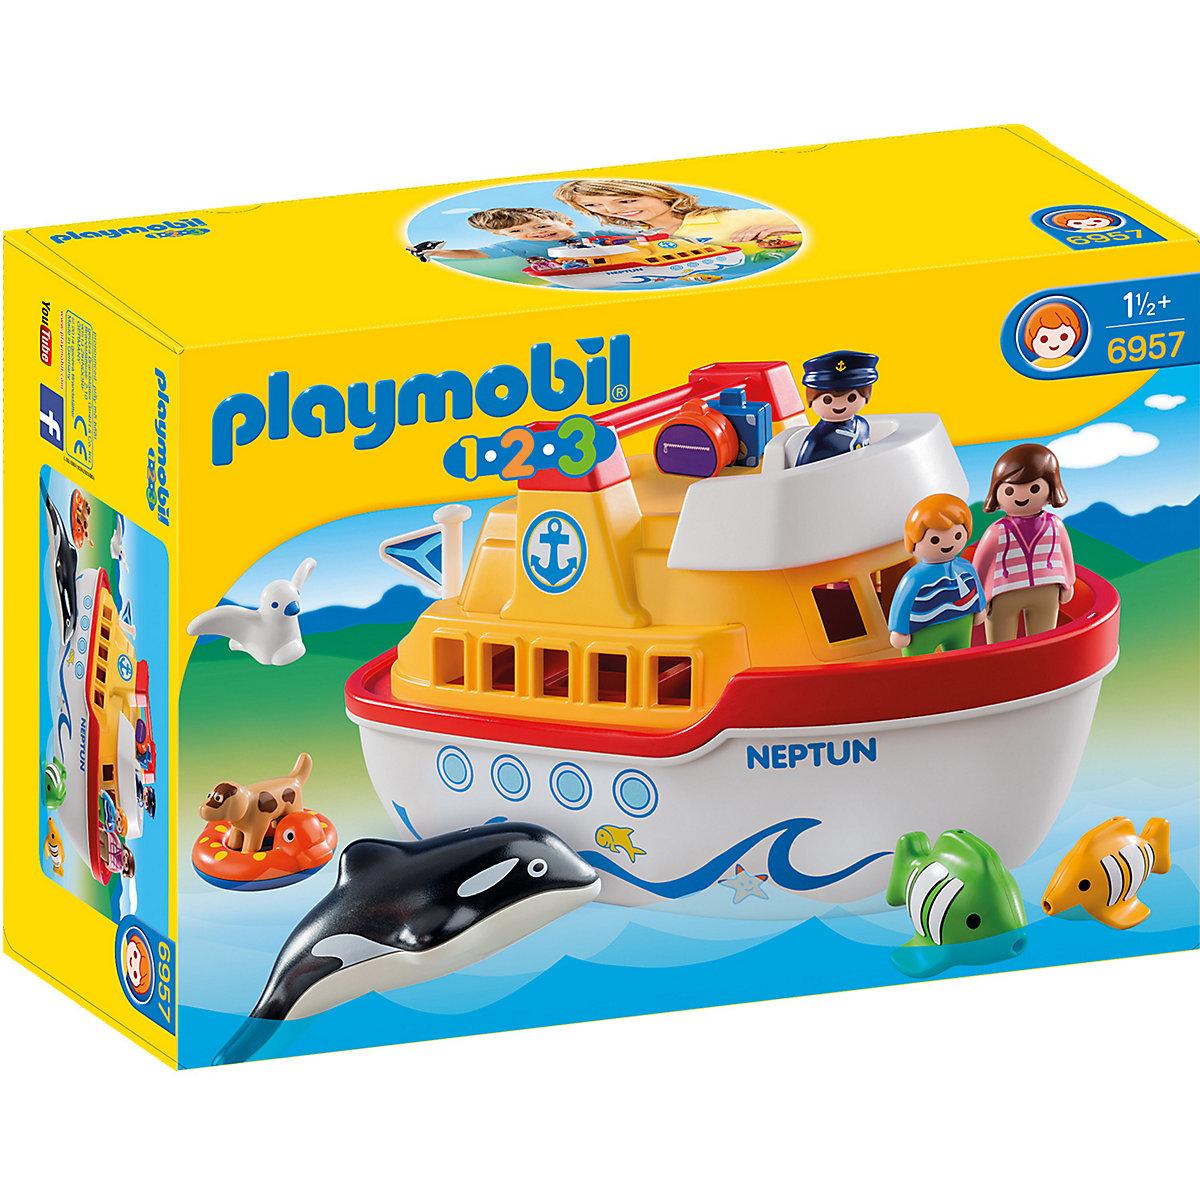 Bild zu Playmobil 1-2-3: Mein Schiff zum Mitnehmen (6957) für 20,94€ (Vergleich: 33,75€)